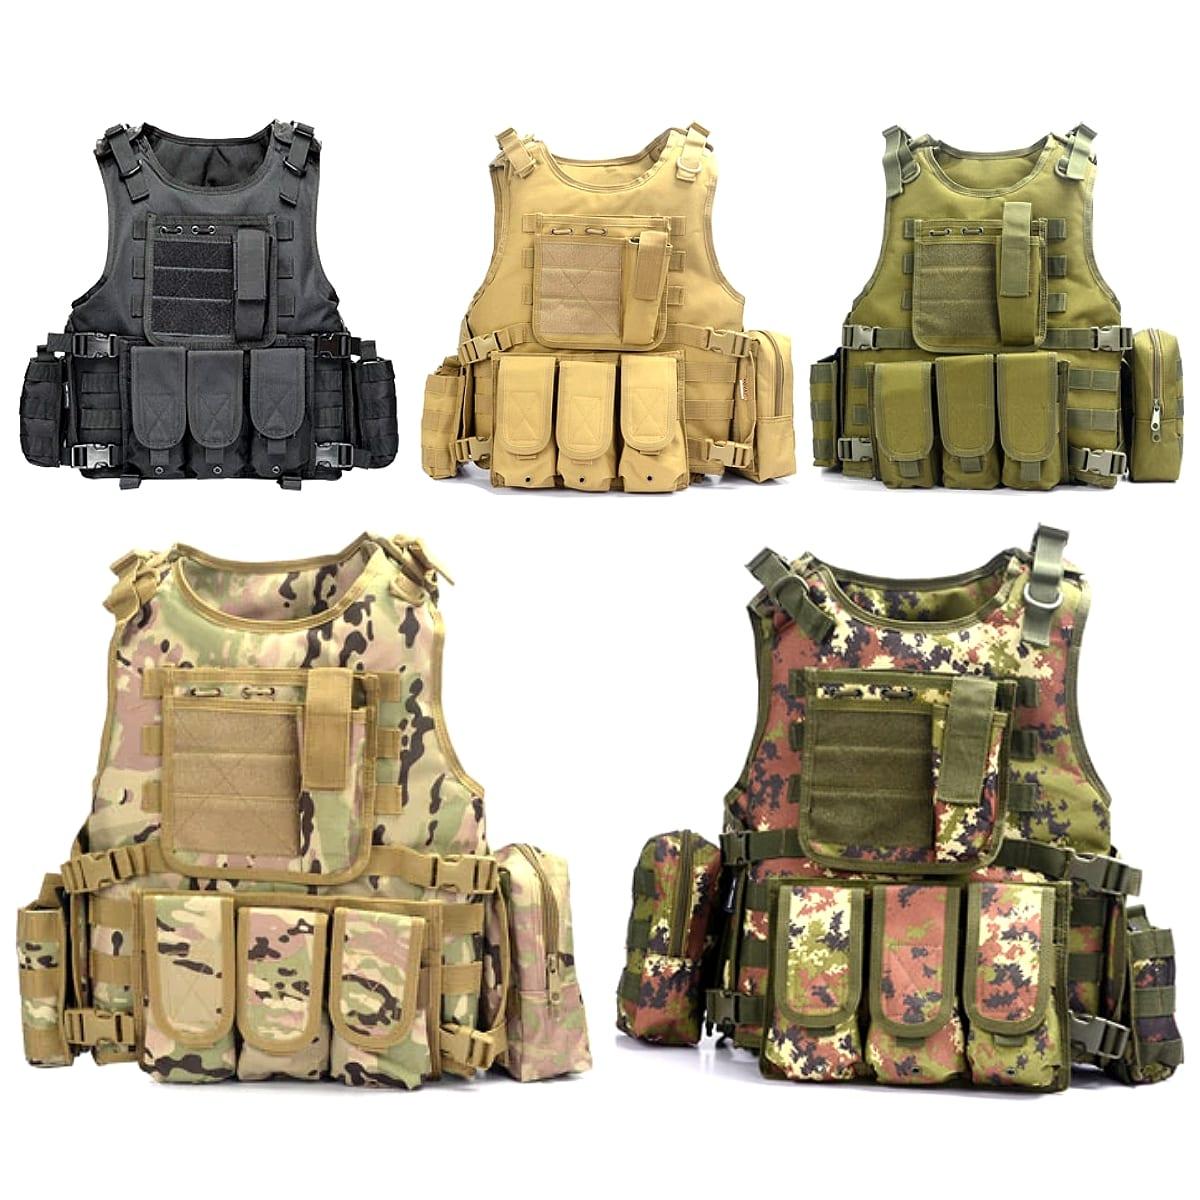 【送料無料!】全5色! フリーサイズ [Men's 5 Bags Phantom Combat Molle Vest] メンズ 5バッグファントムコンバットモールベスト! ミリタリーベスト アーミー ボディアーマー モールシステム カモフラージュ 迷彩 防水 アウトドア 釣り キャンプ サバゲー バイクに!